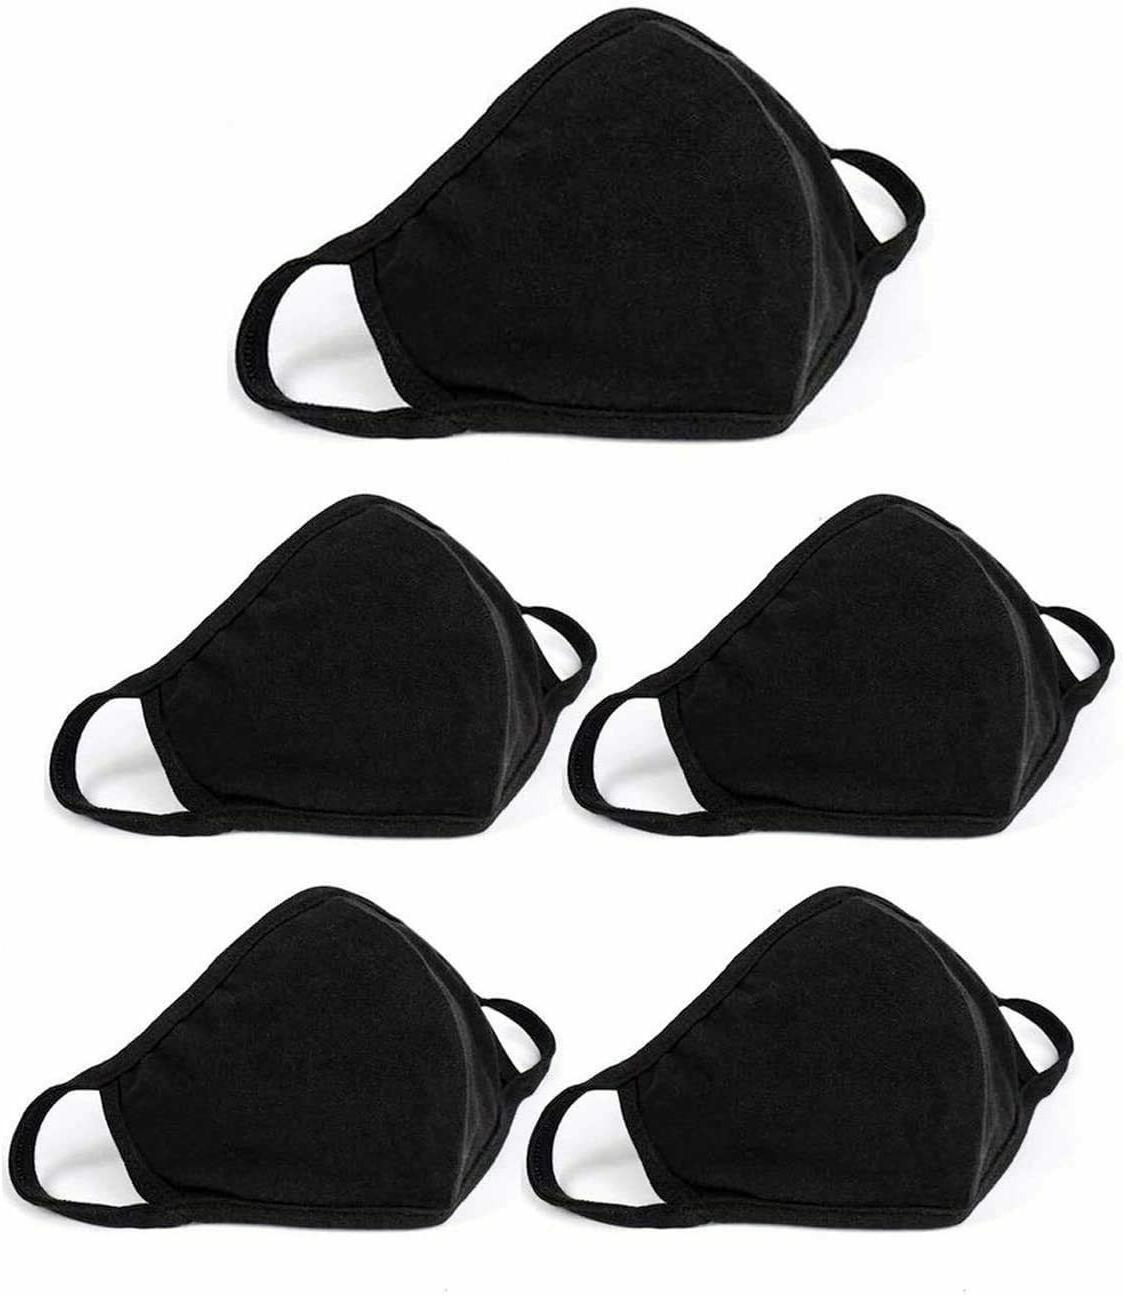 black reusable washable breathable cotton face mask